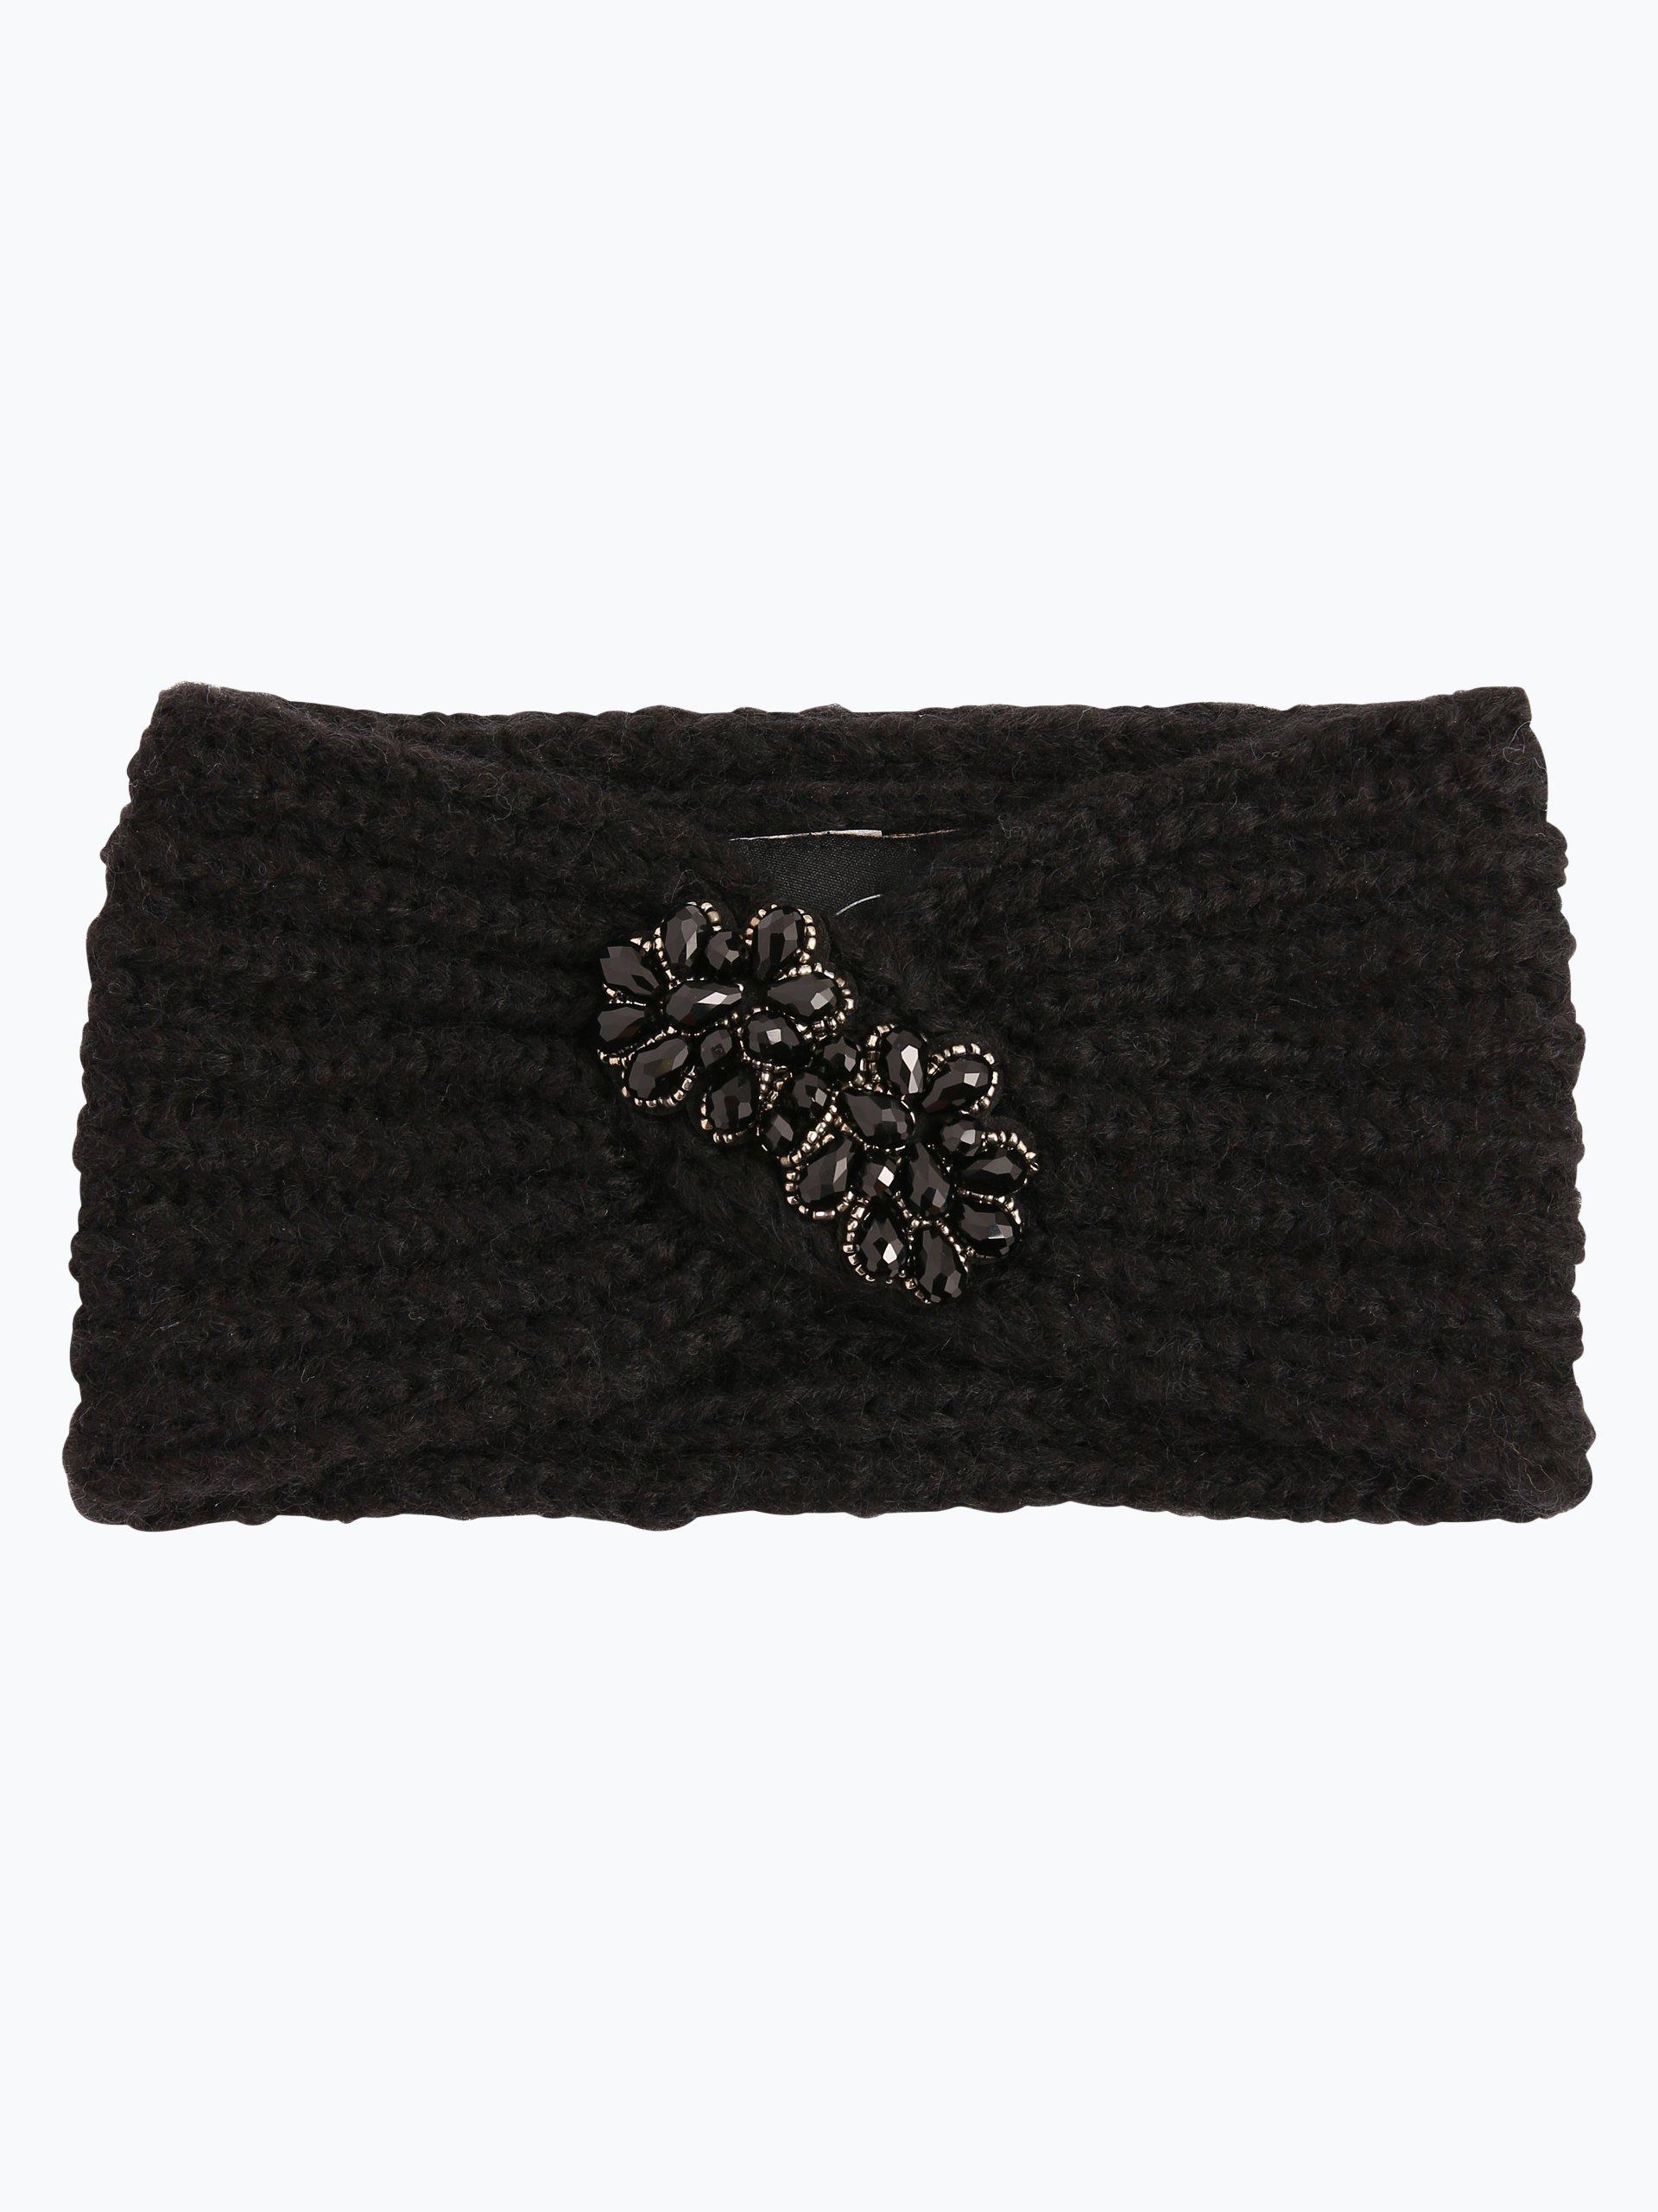 loevenich damen stirnband schwarz uni online kaufen. Black Bedroom Furniture Sets. Home Design Ideas